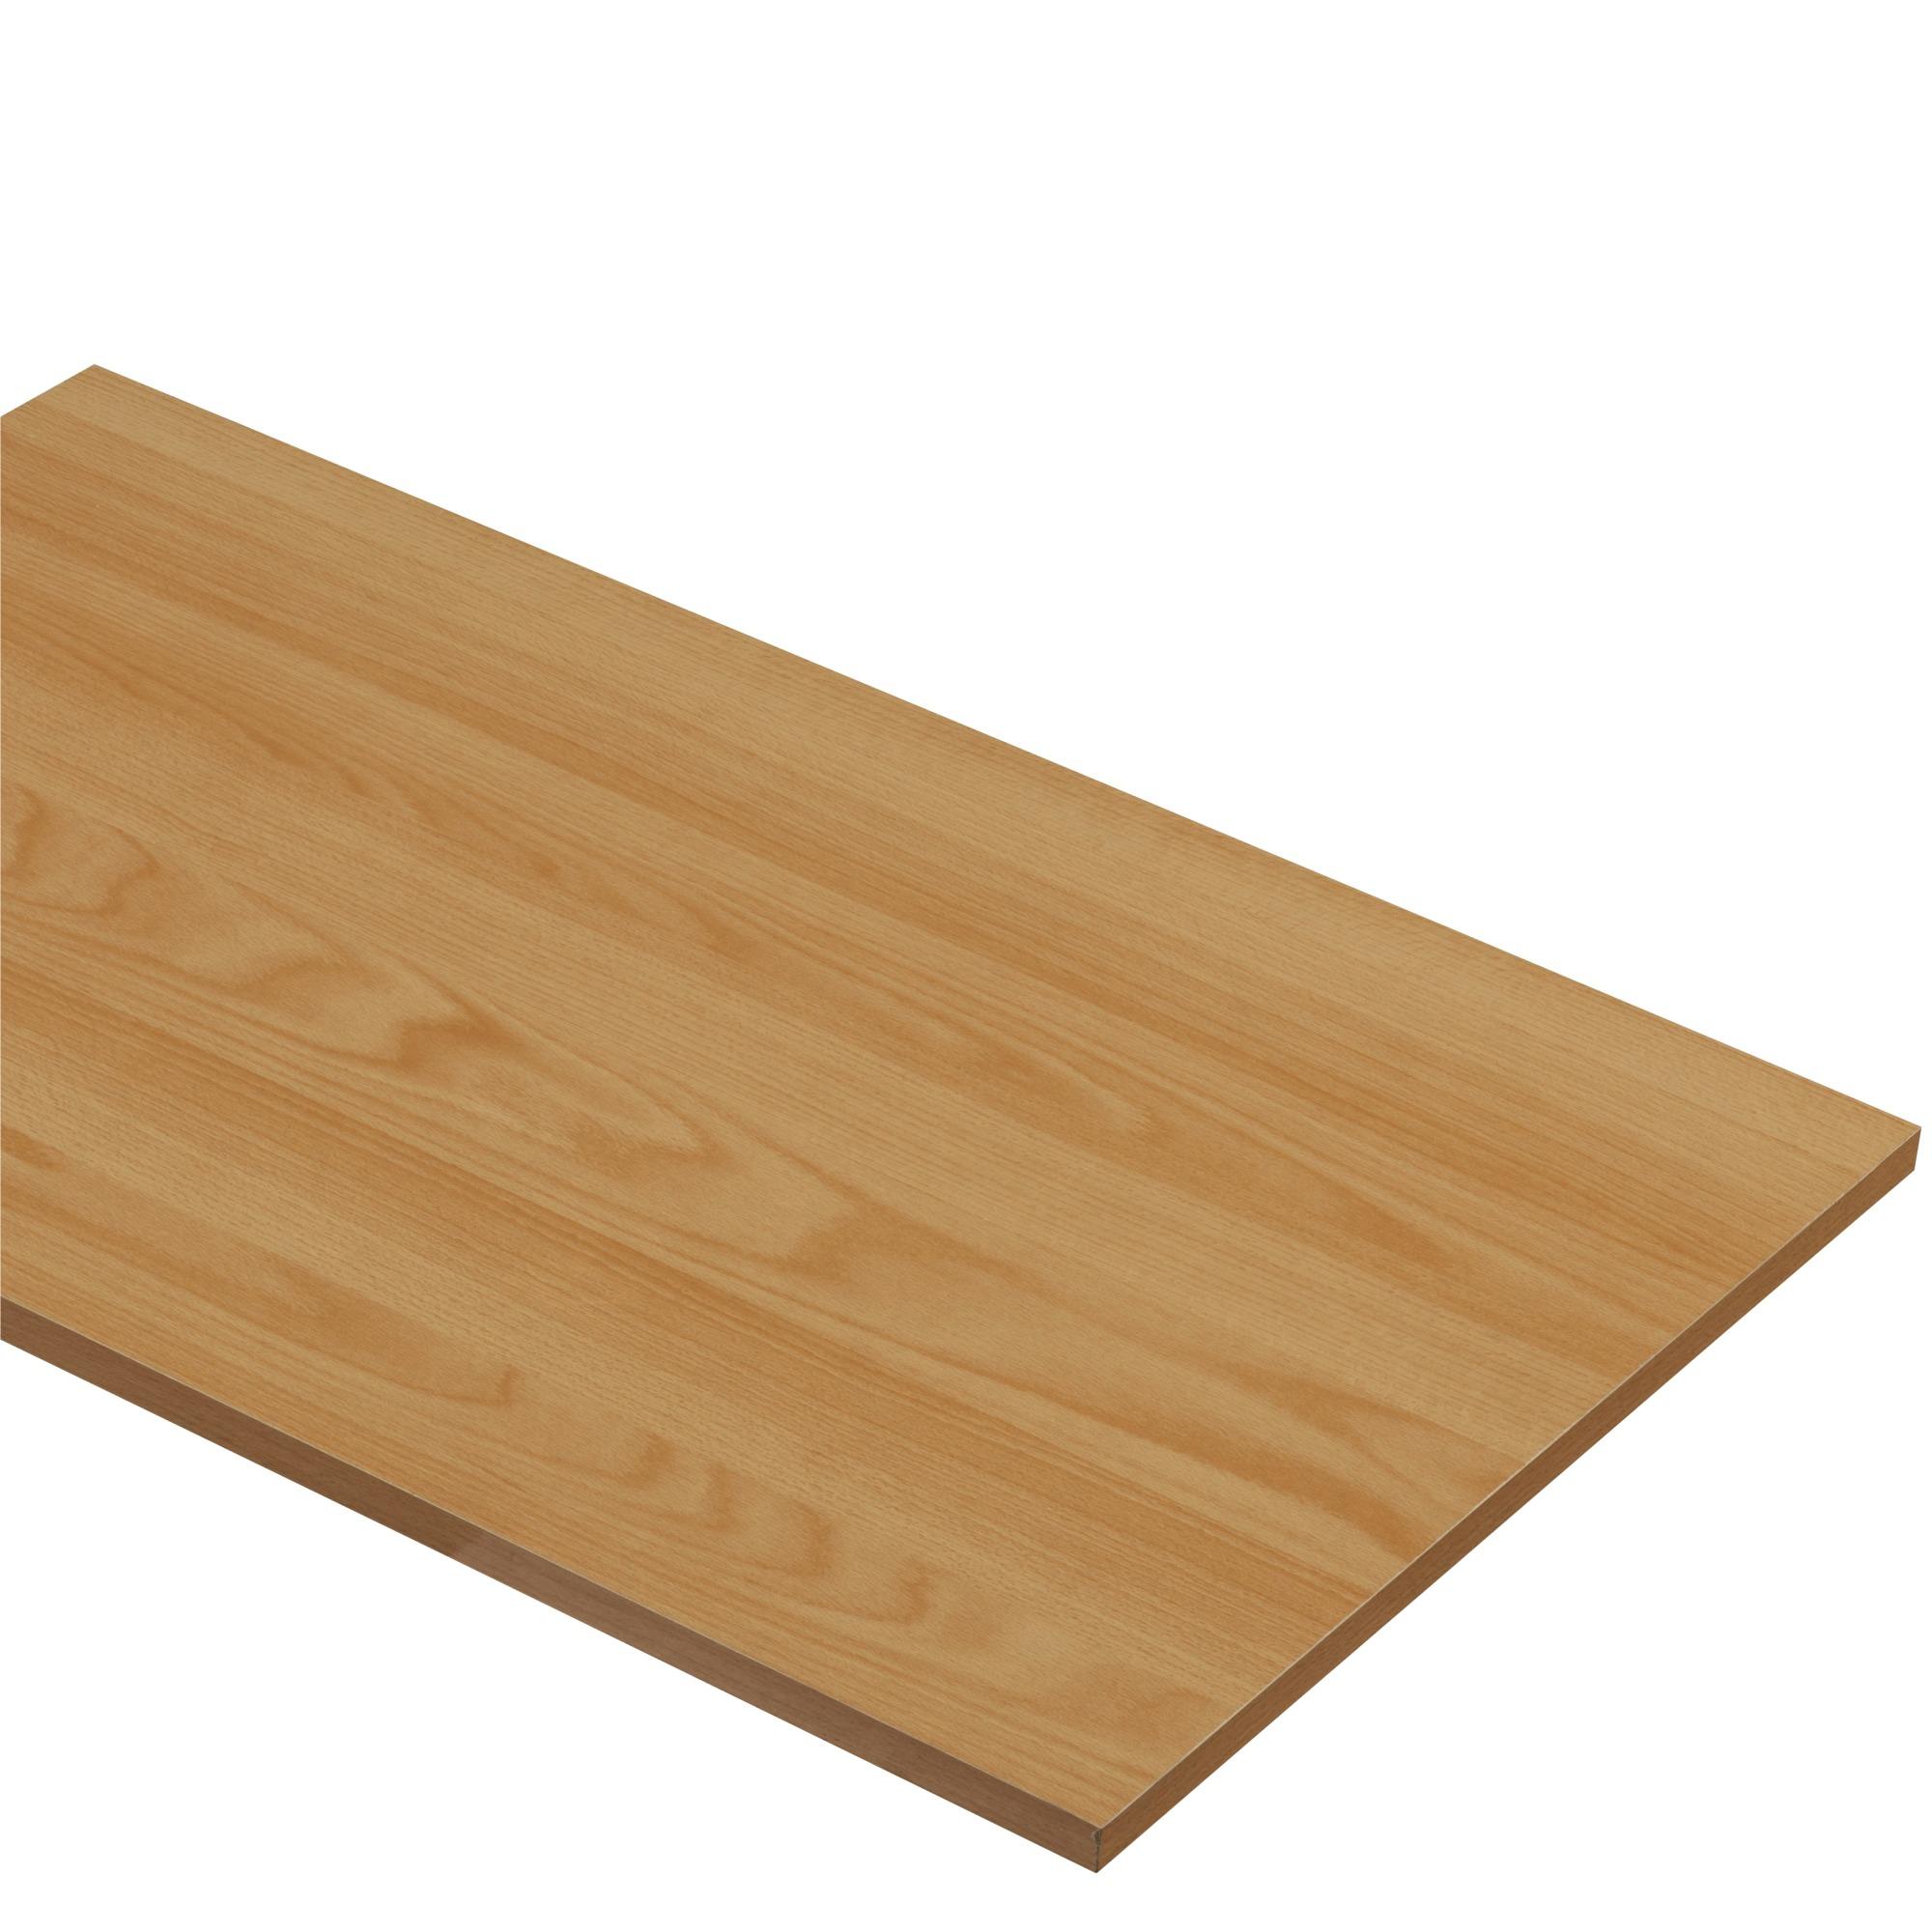 Meubelpaneel beuken 250x60 cm 18 mm meubelpanelen meubelpanelen timmerpanelen hout - Resource com verven ...